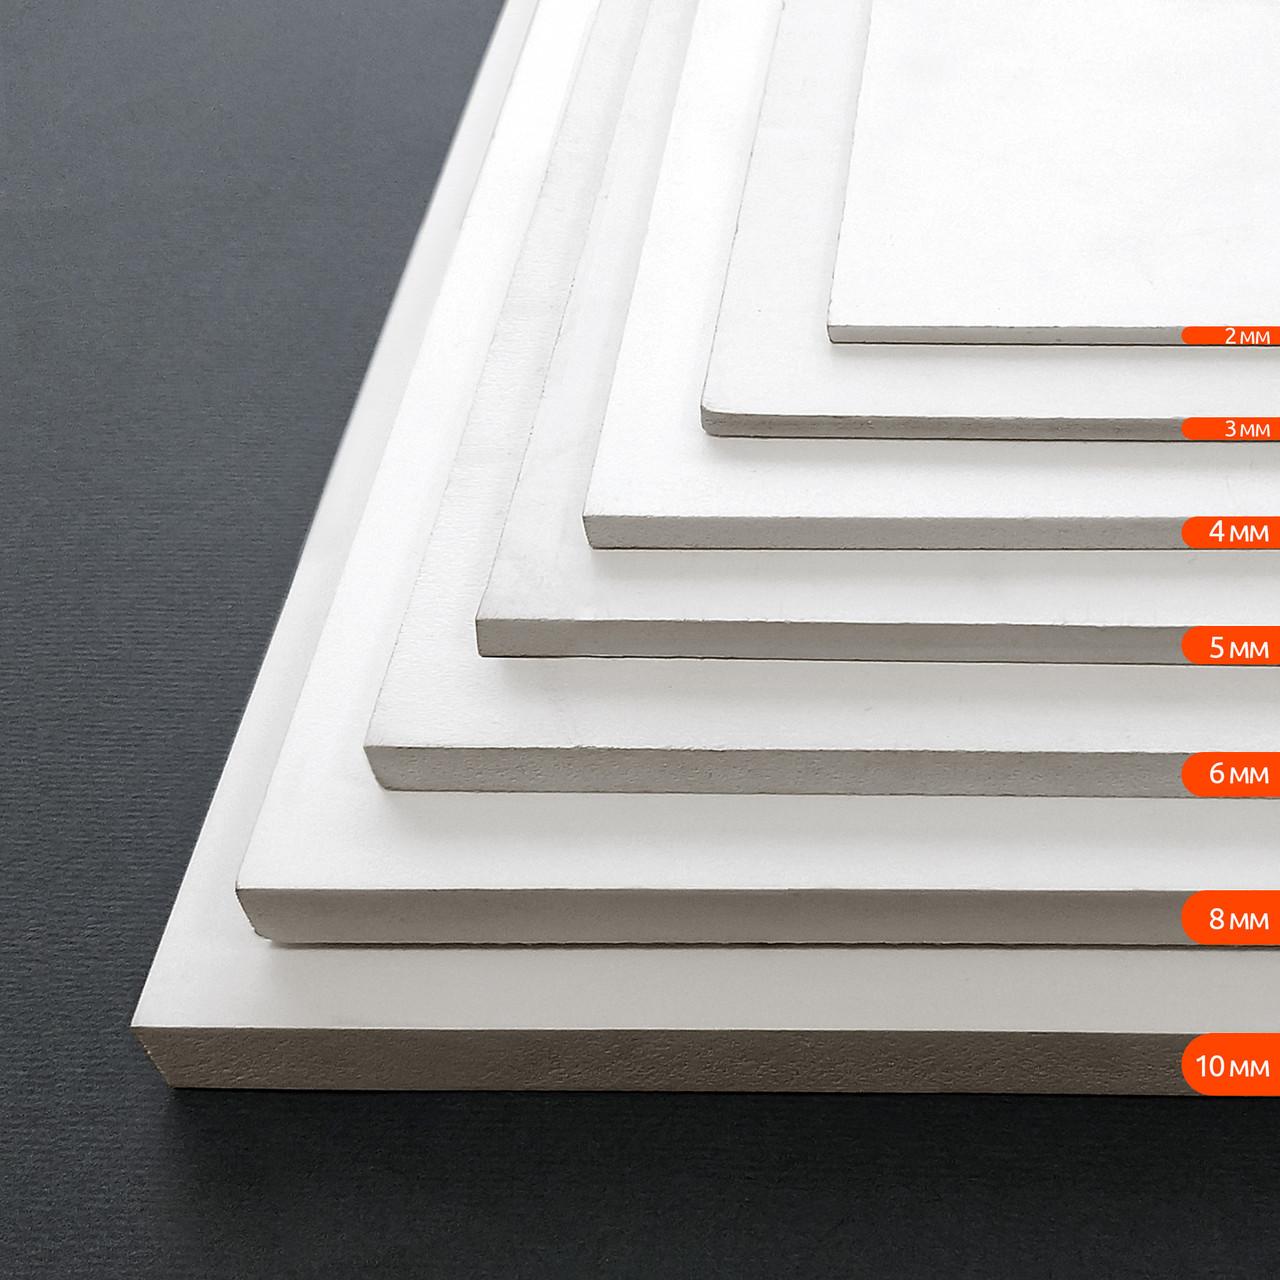 ПВХ вспененный, белый, лист 2.05 х 3.05 м, 6 мм